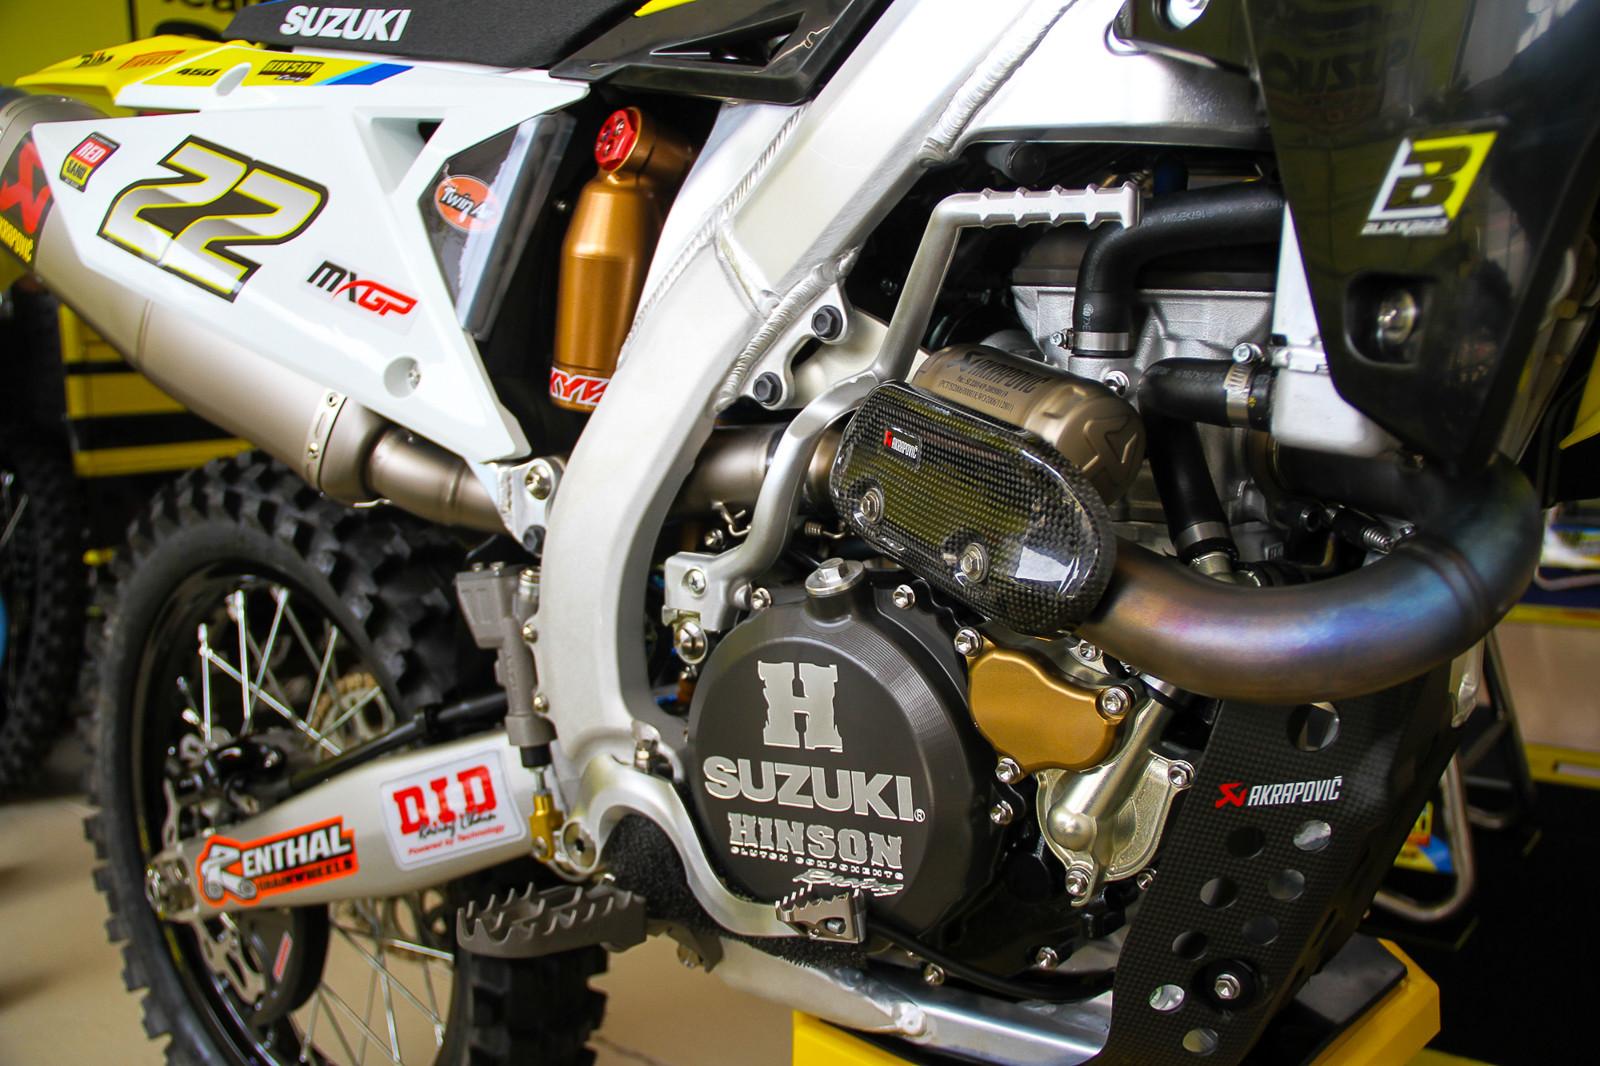 2018 Suzuki RM-Z450WS - Vital MX Pit Bits: 2017 MXGP of Qatar - Motocross Pictures - Vital MX